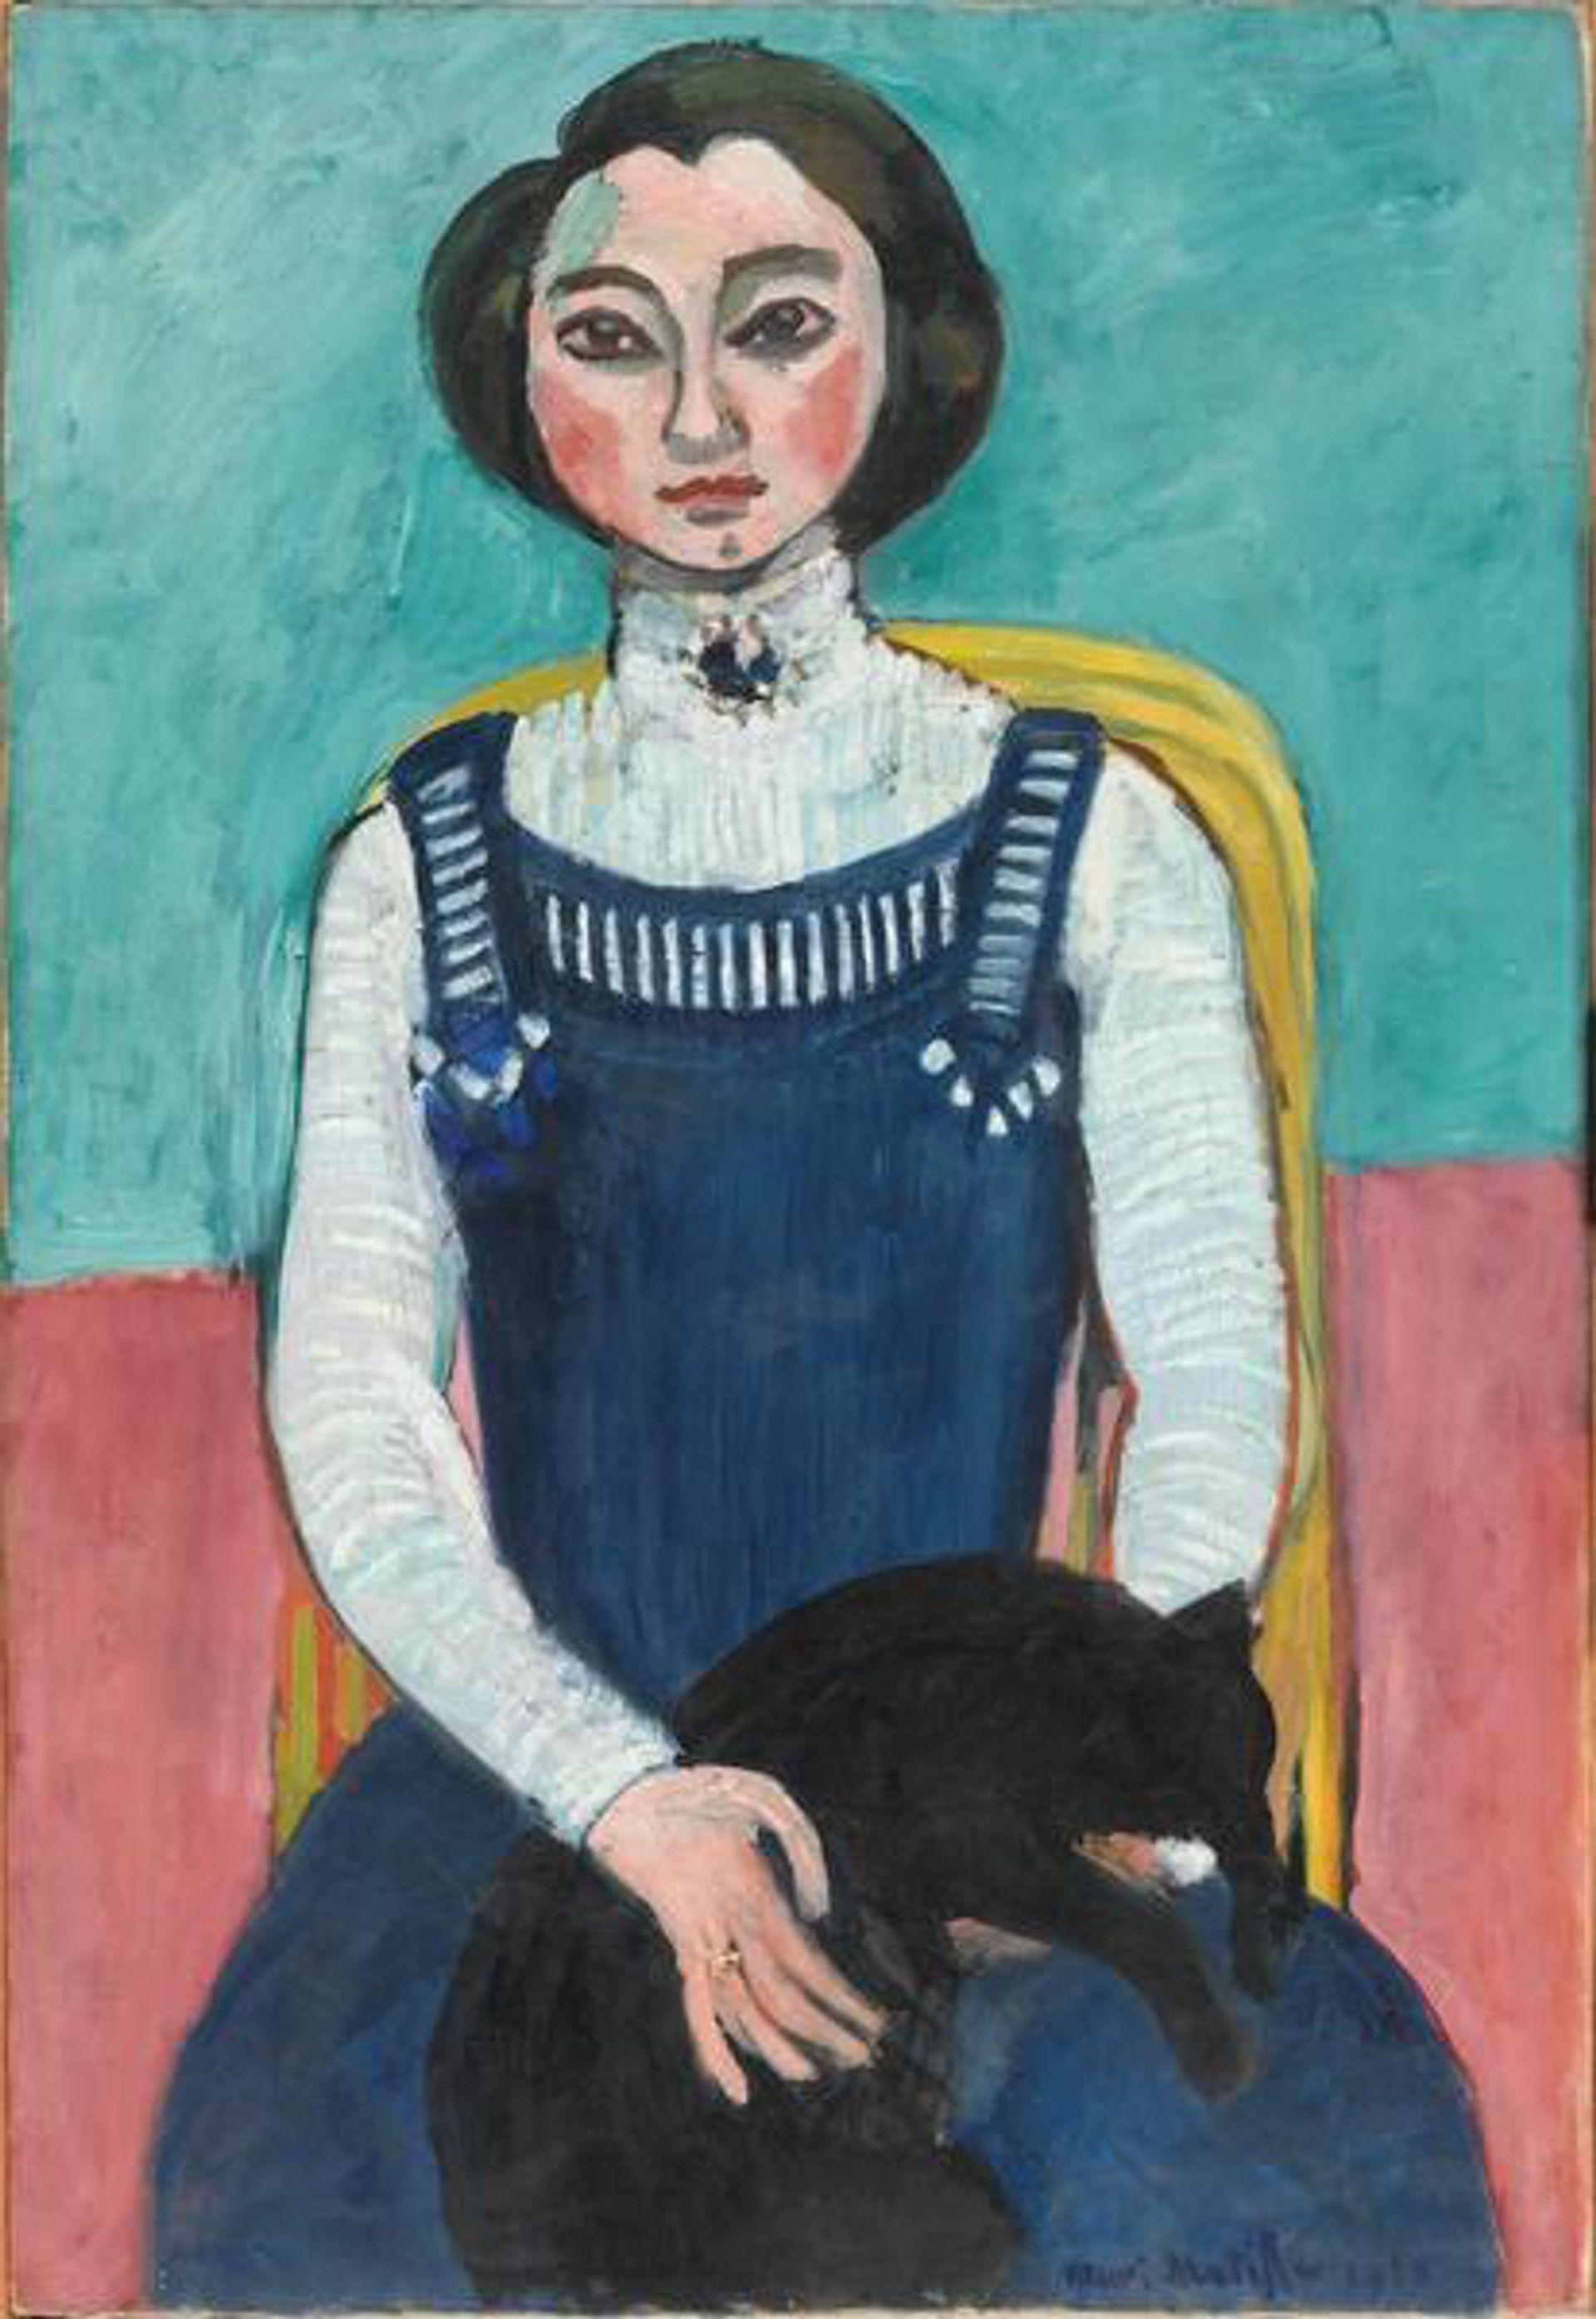 Marguerite au chat noir (1910), Henri Matisse Photo © G. Meguerditchian - Centre Pompidou, Mnam-Cci/Dist. RMN-GP